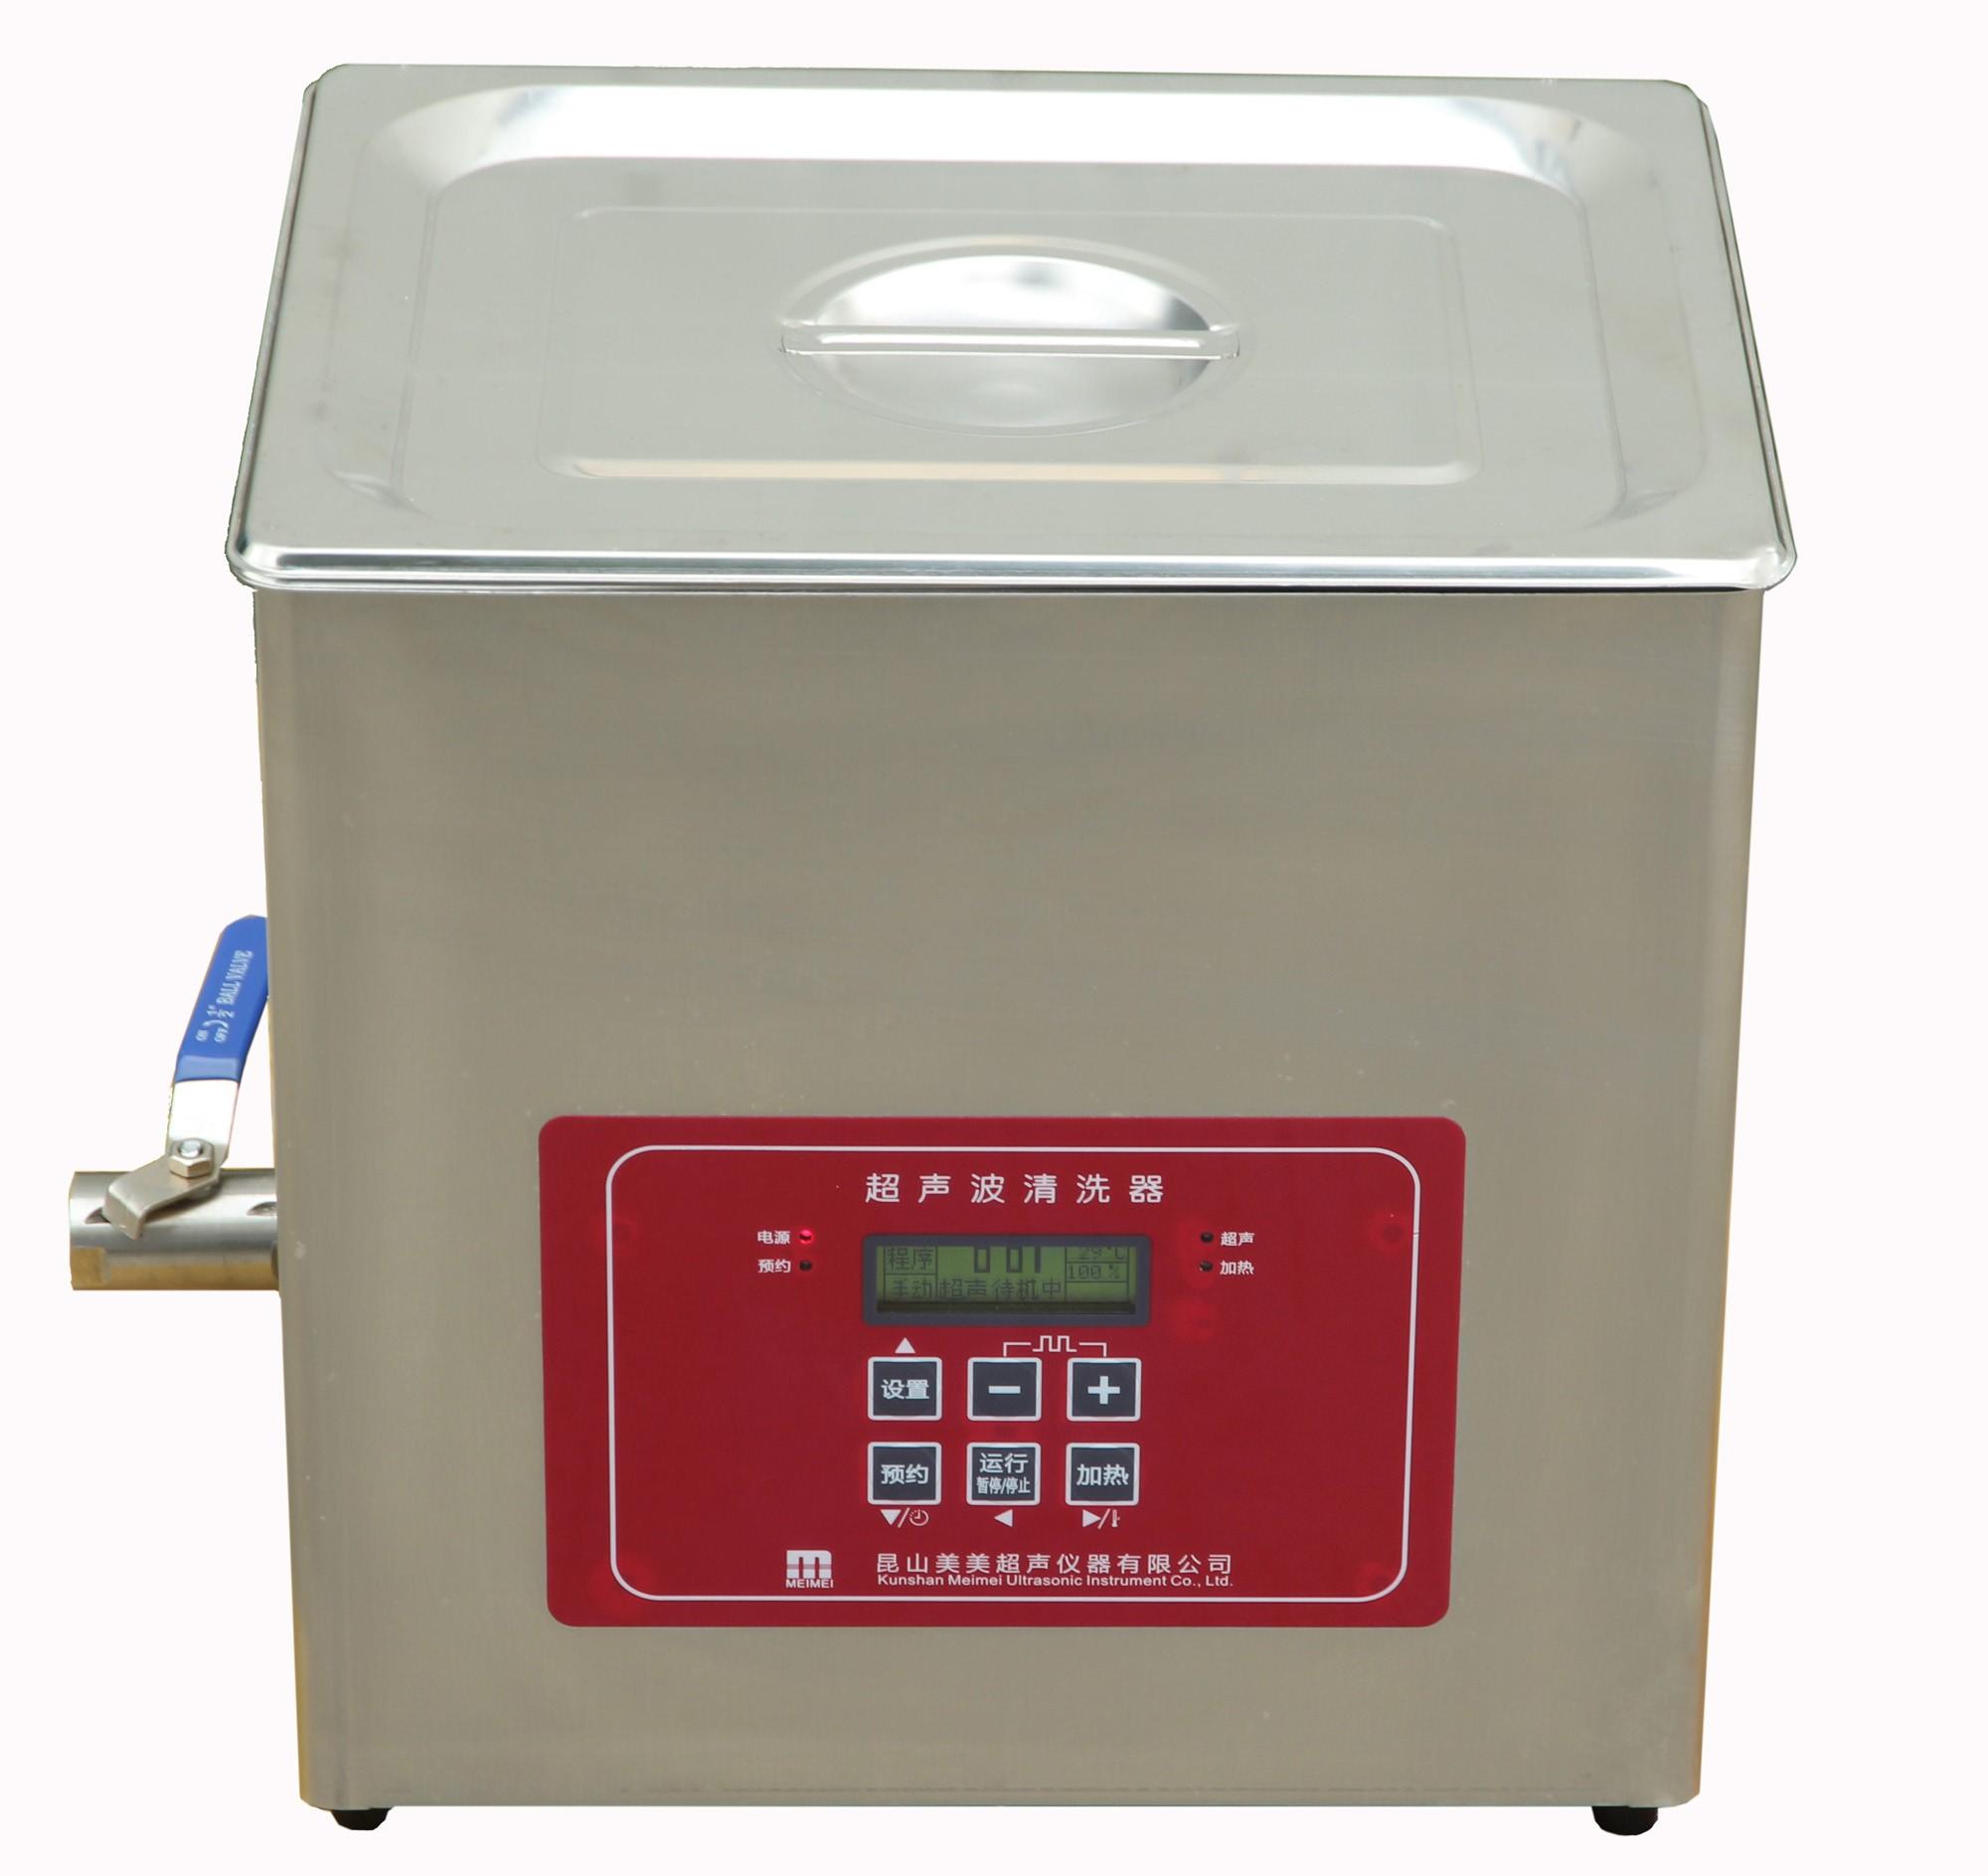 昆山美美超声波清洗器KM-1000DE